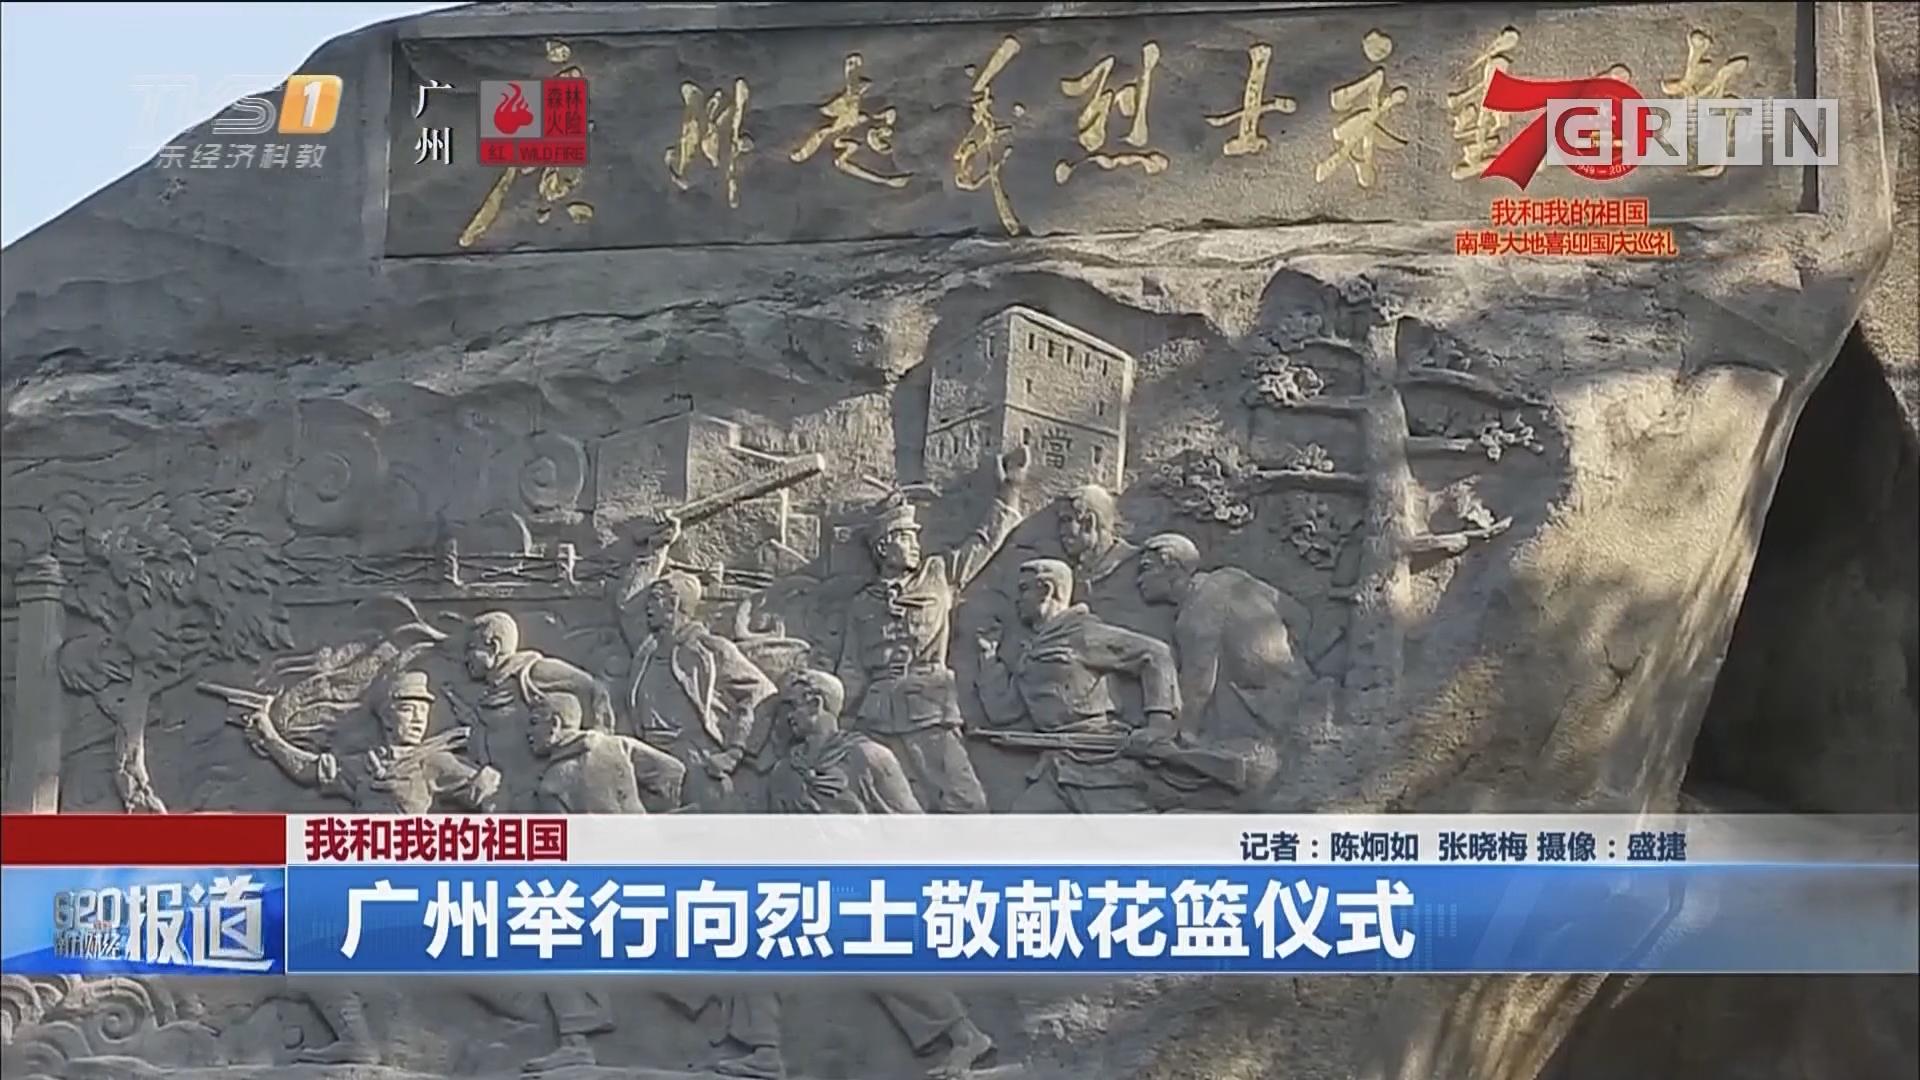 我和我的祖国:广州举行向烈士敬献花篮仪式